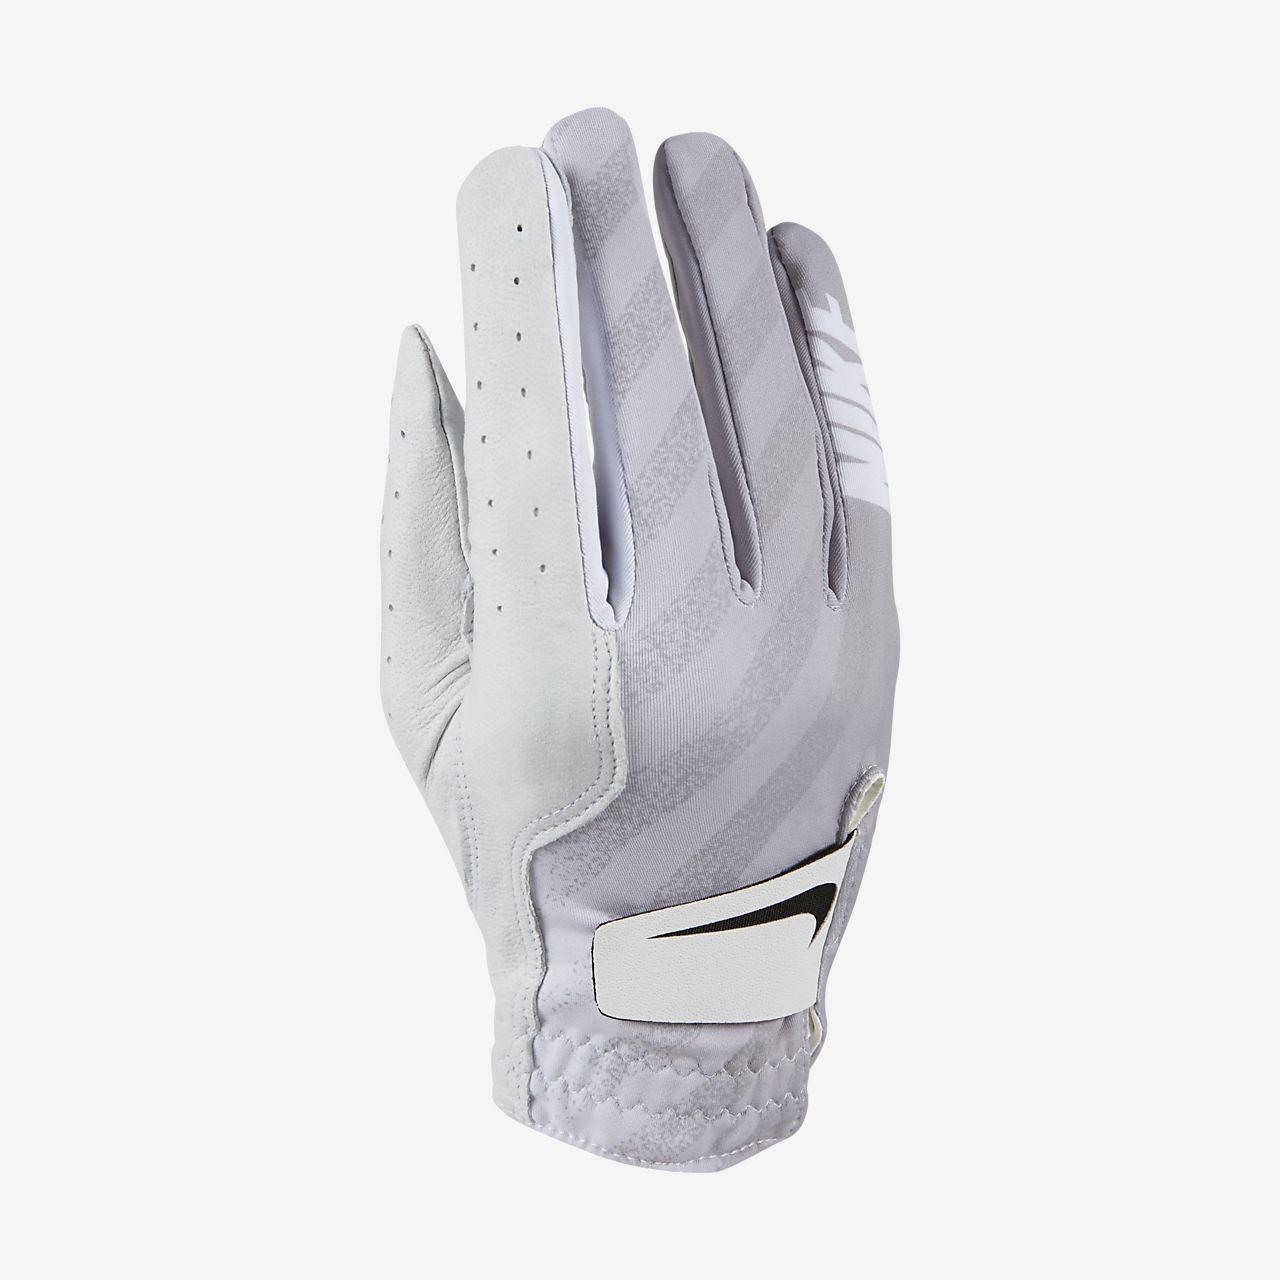 Nike Tech Damen-Golfhandschuh (Rechts regulär)